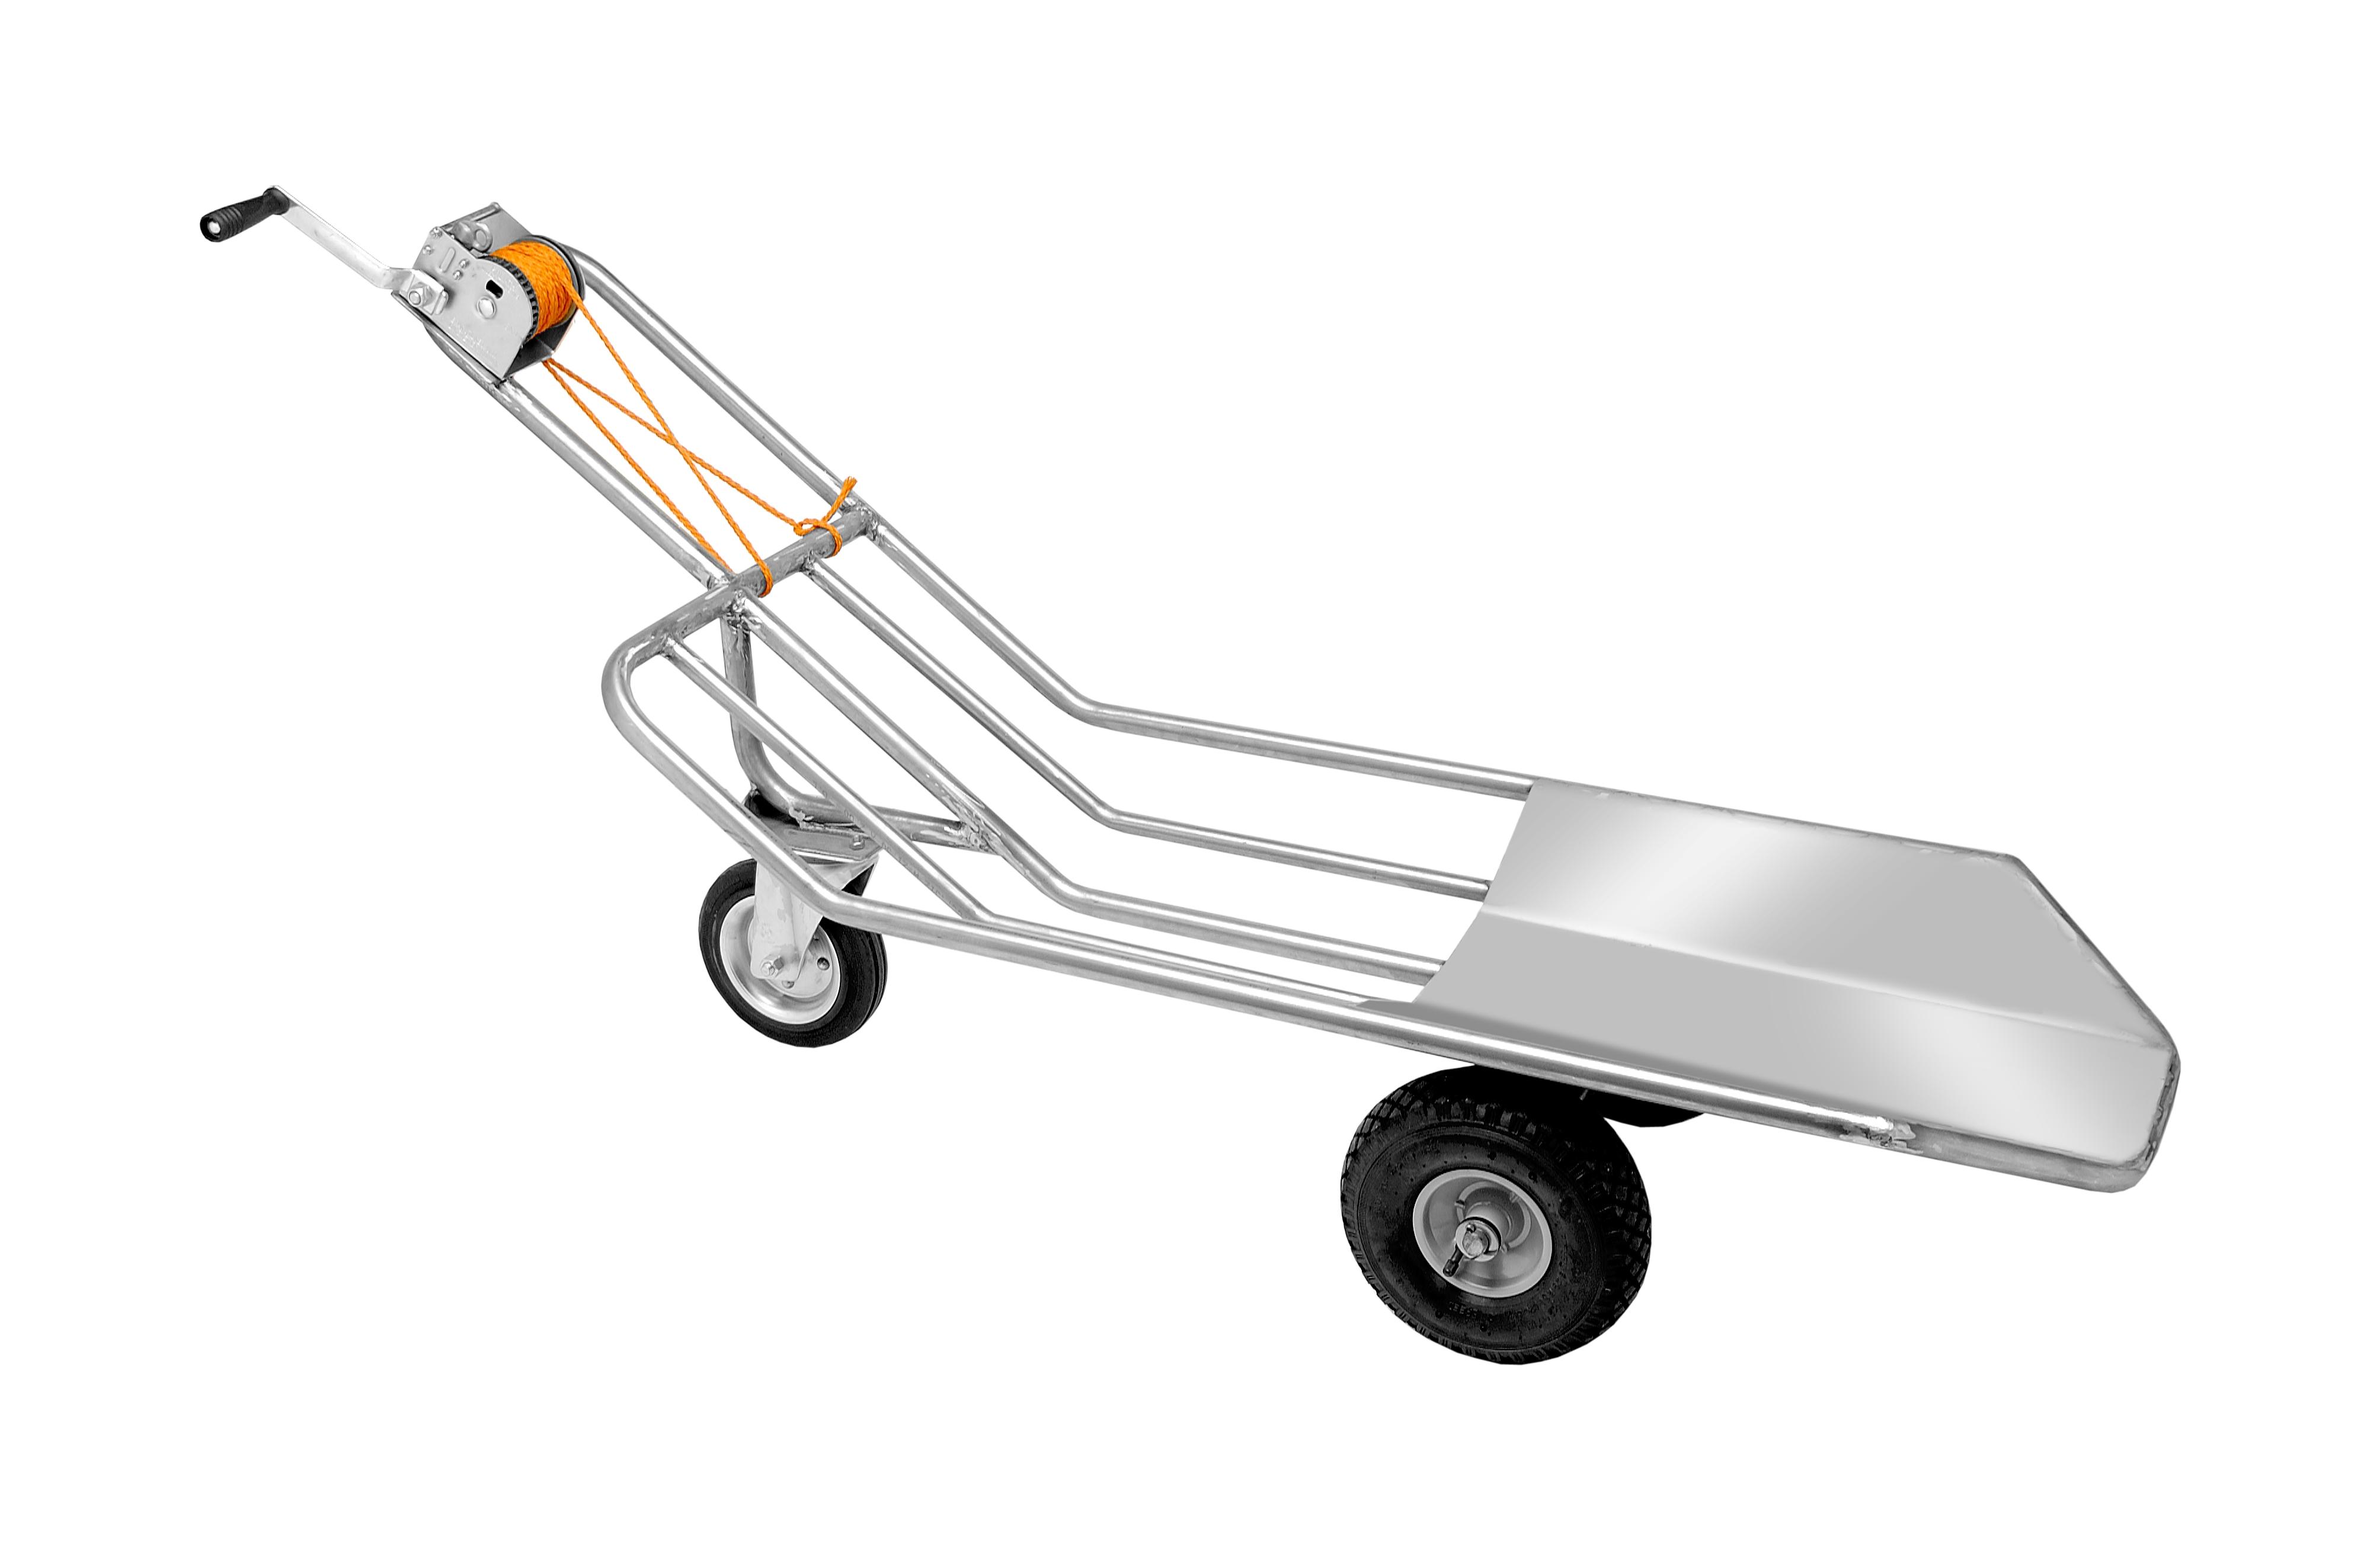 Carrello multi uso trasporto suini in acciaio inox